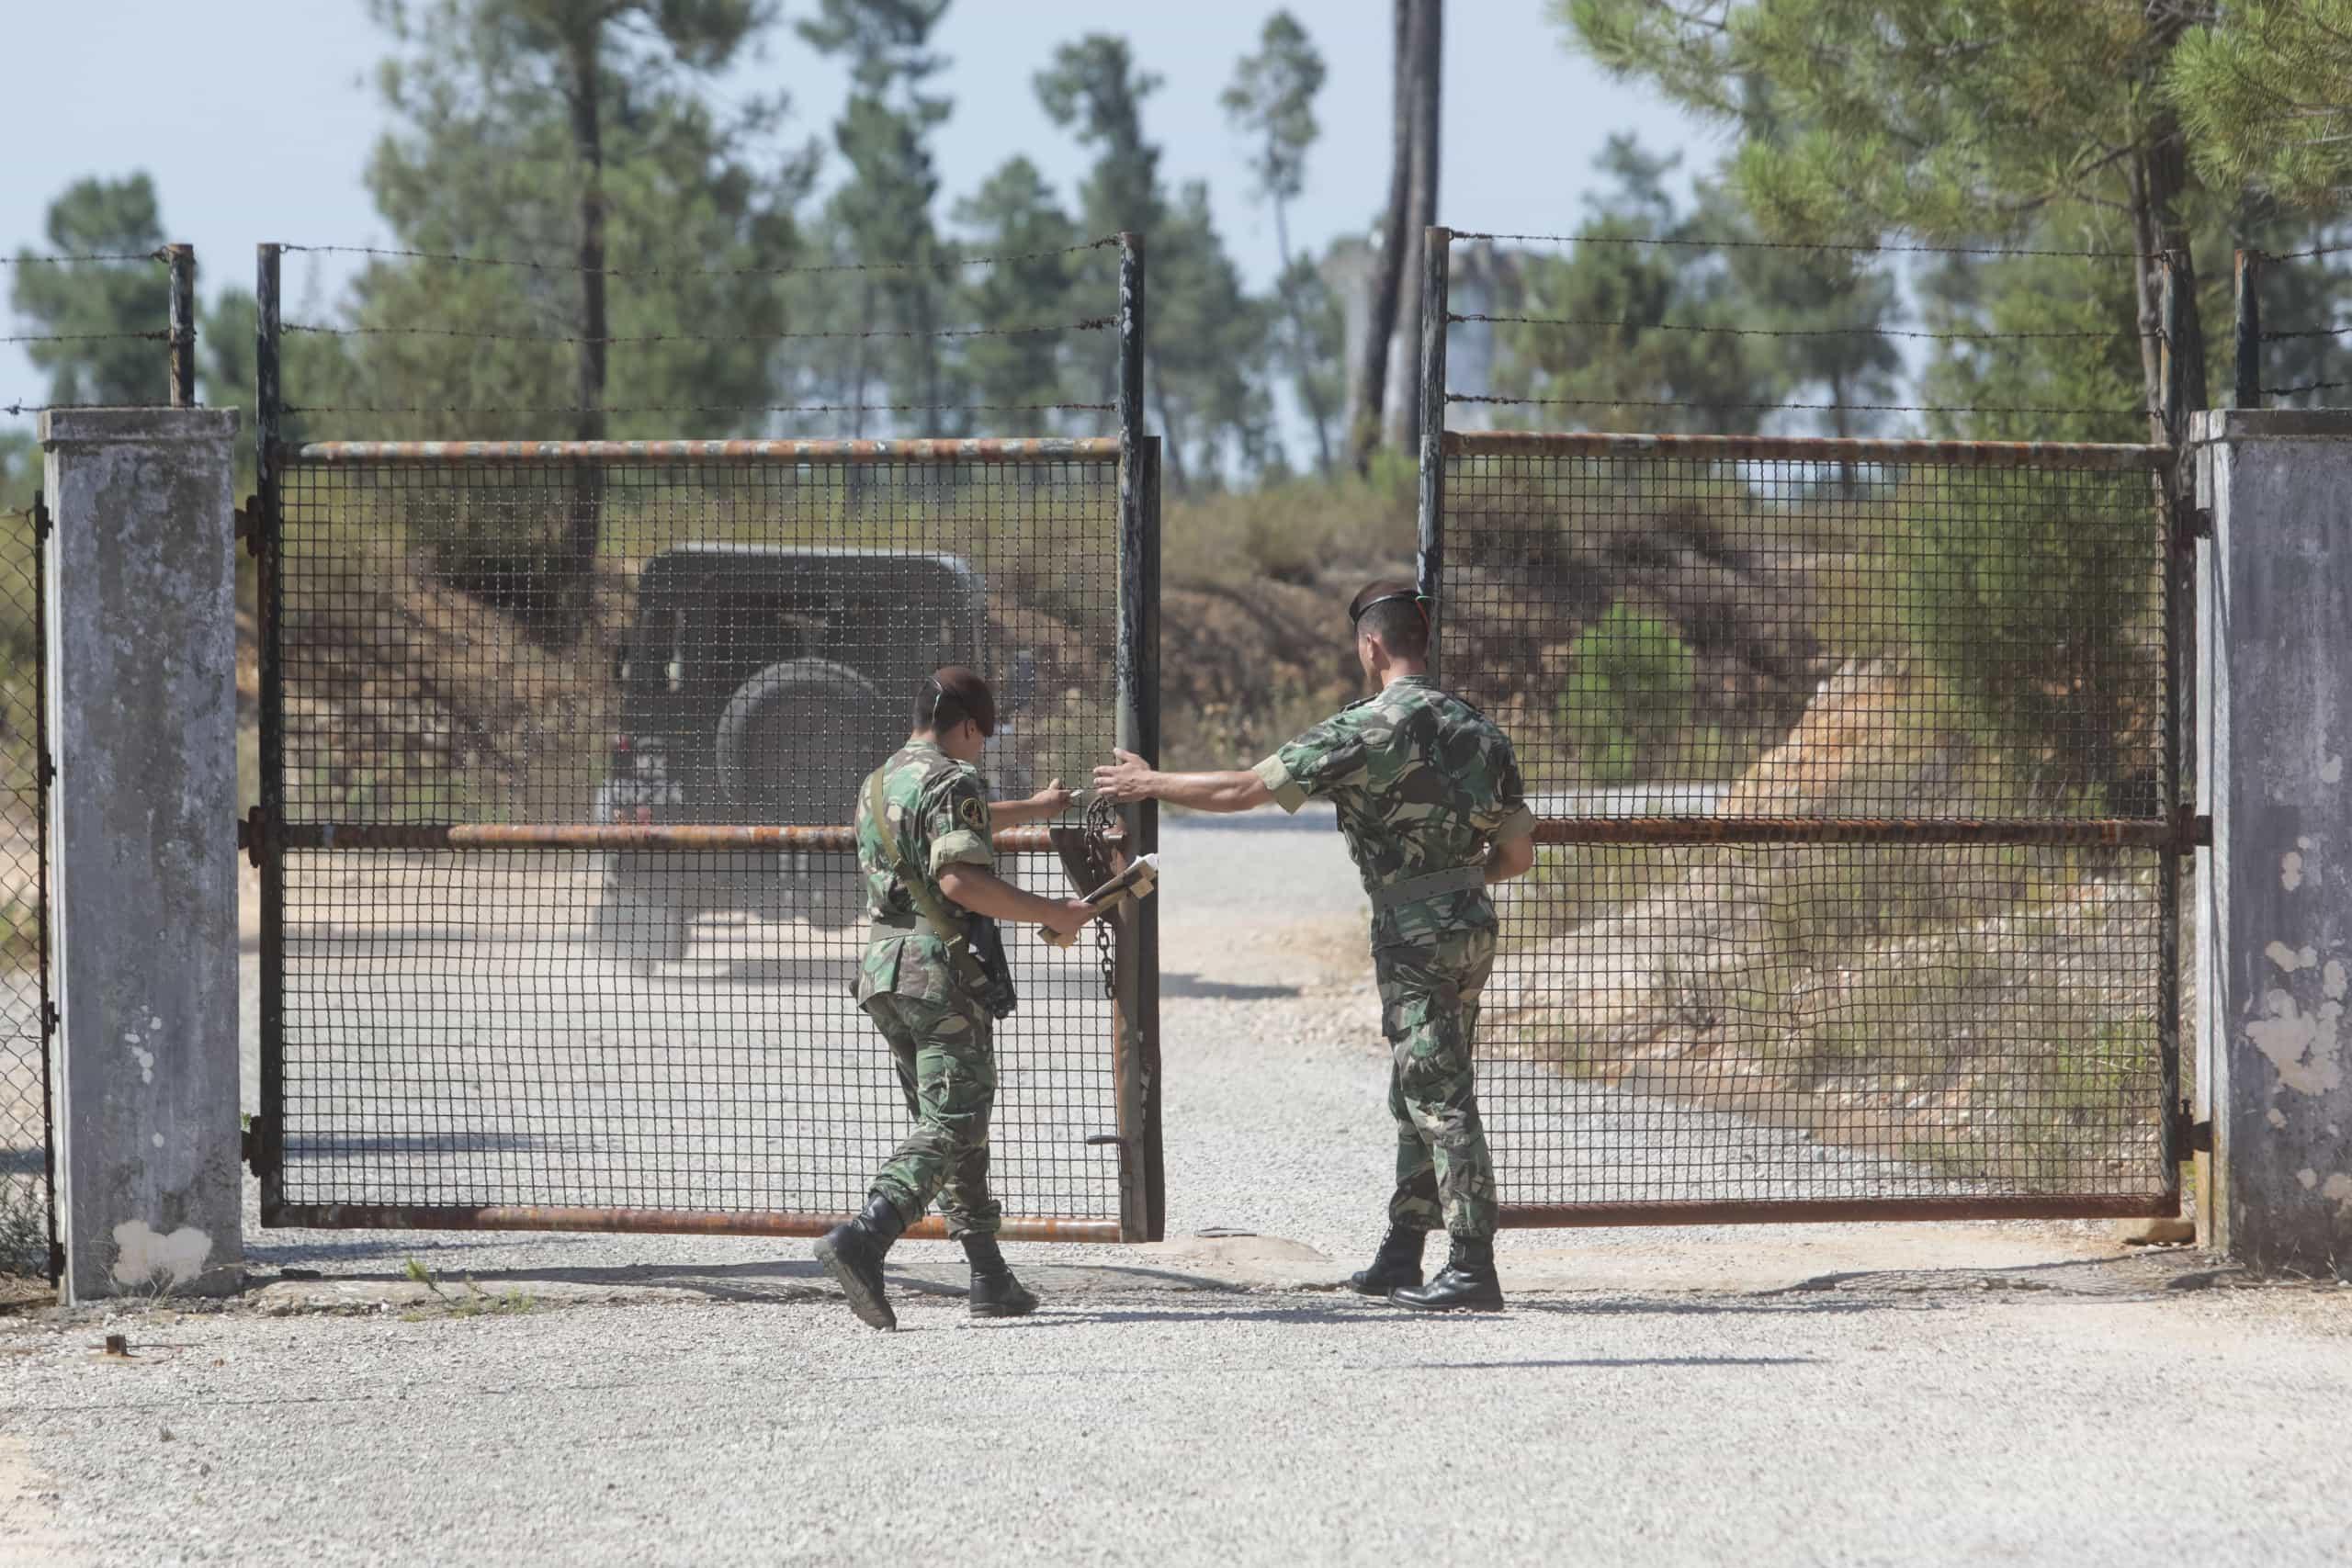 """Tancos: Jerónimo recusa """"julgamento apressado"""" sobre ministro da Defesa"""